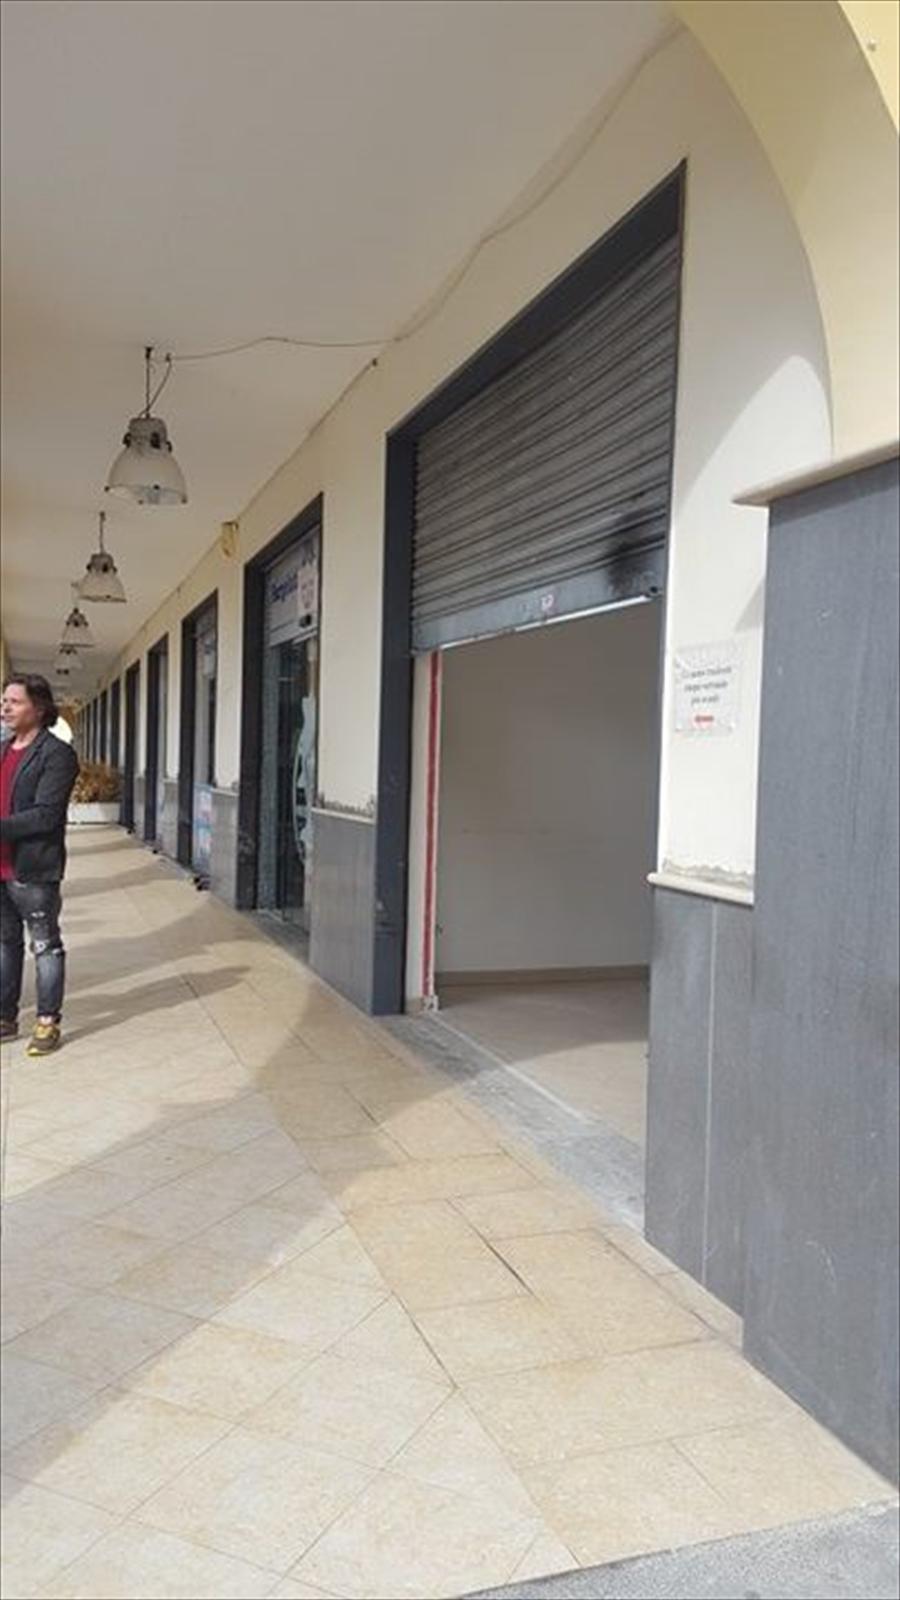 Negozio / Locale in affitto a Giugliano in Campania, 2 locali, prezzo € 550 | CambioCasa.it